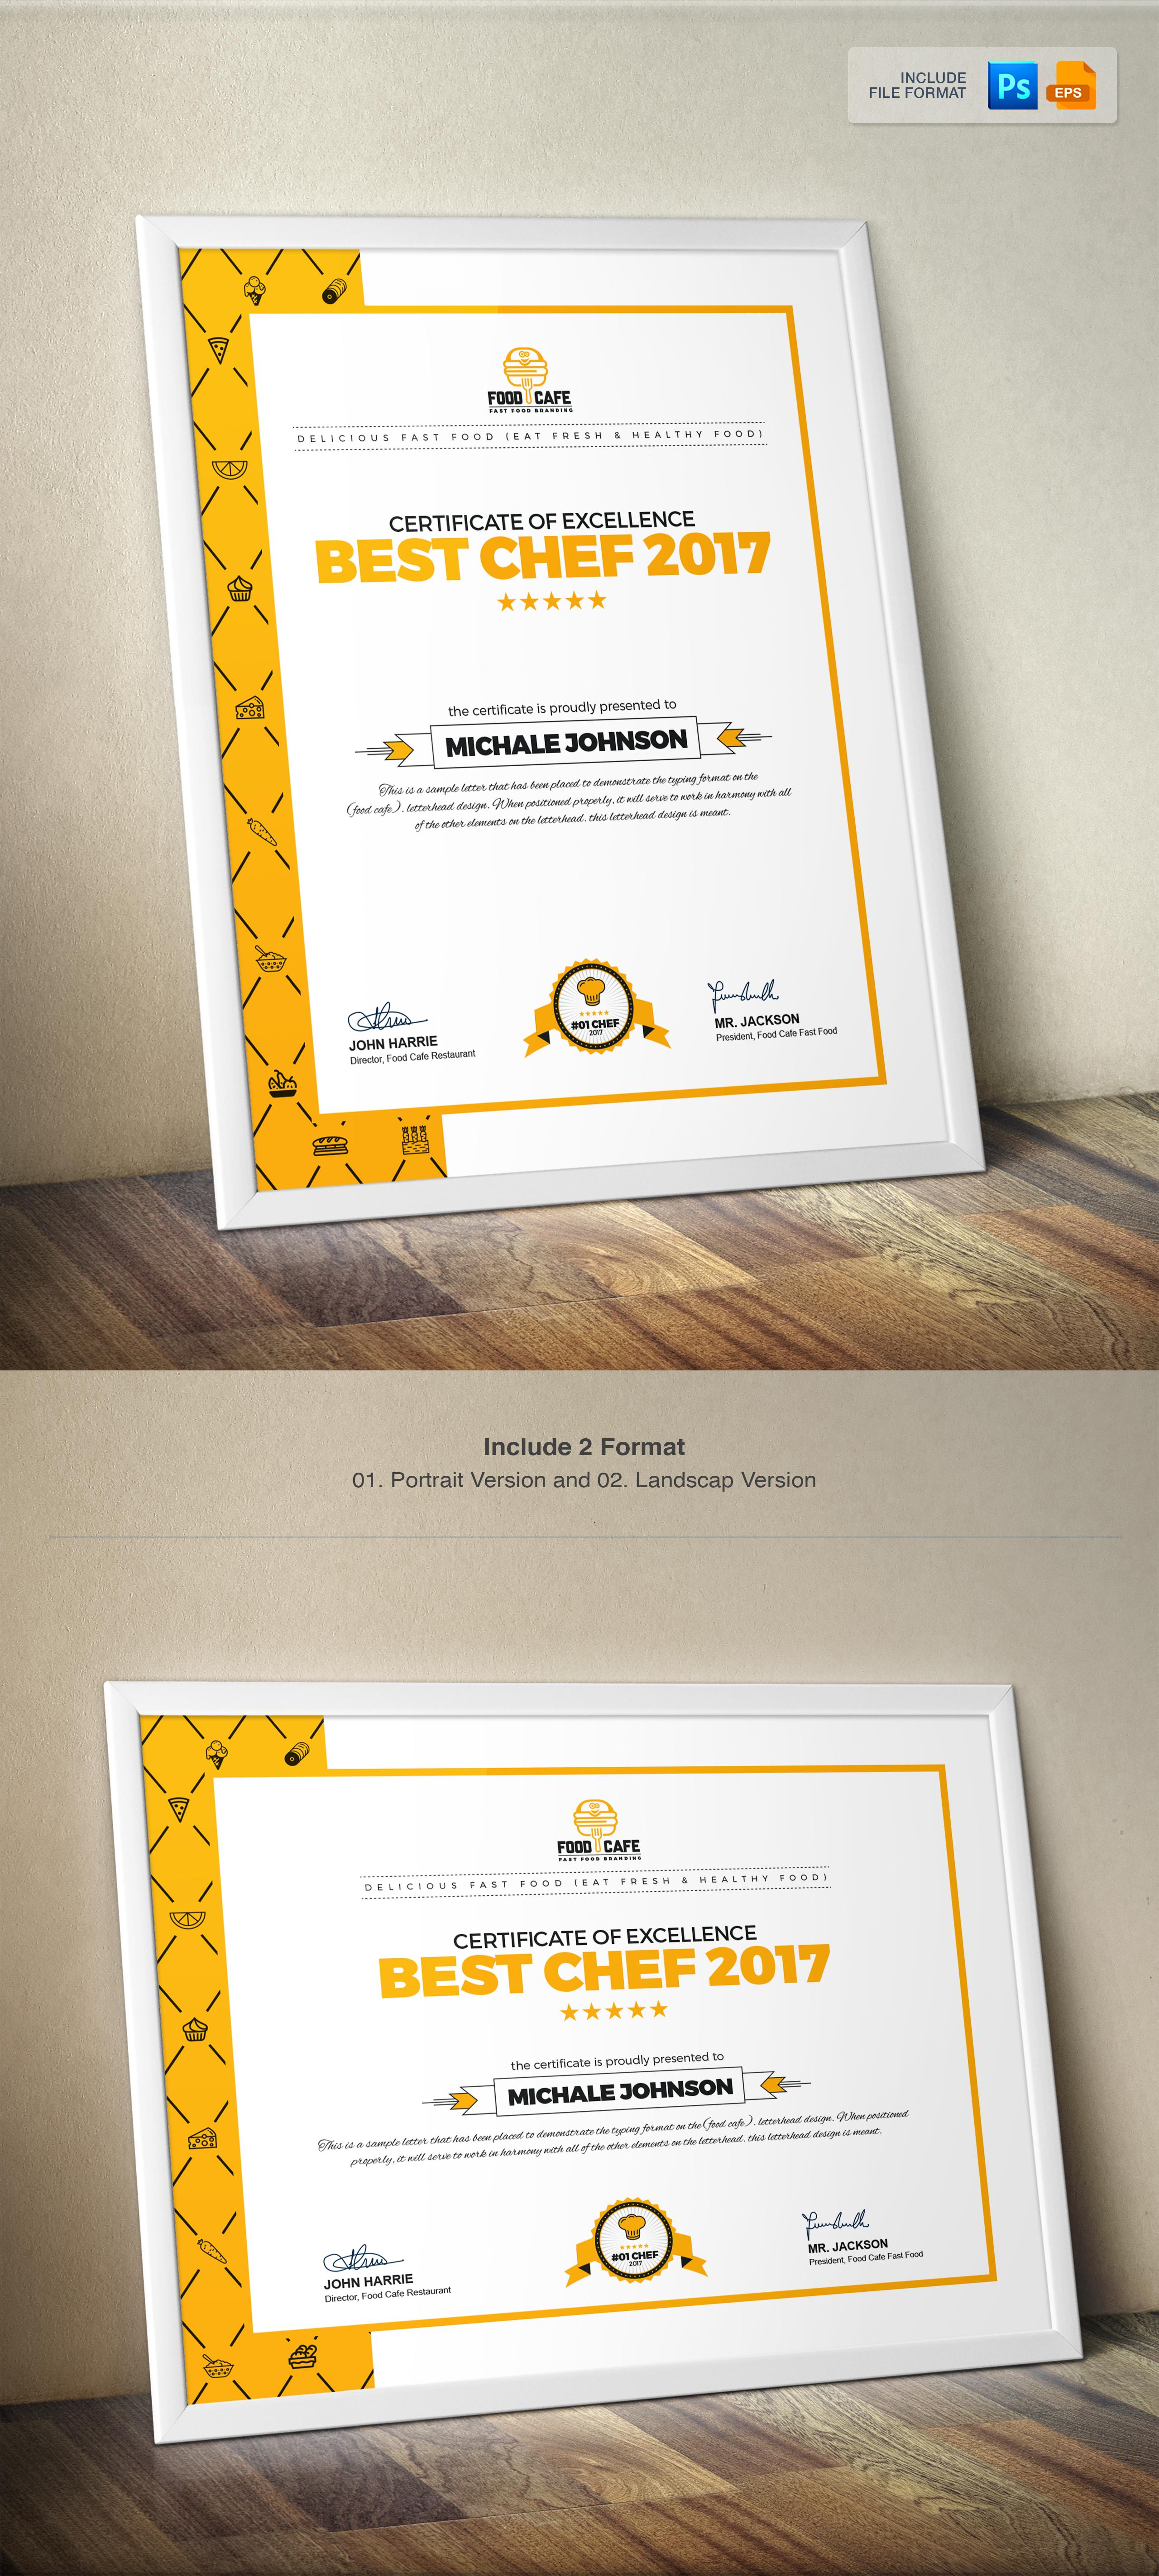 Corporate Certificate Design Demirediffusion